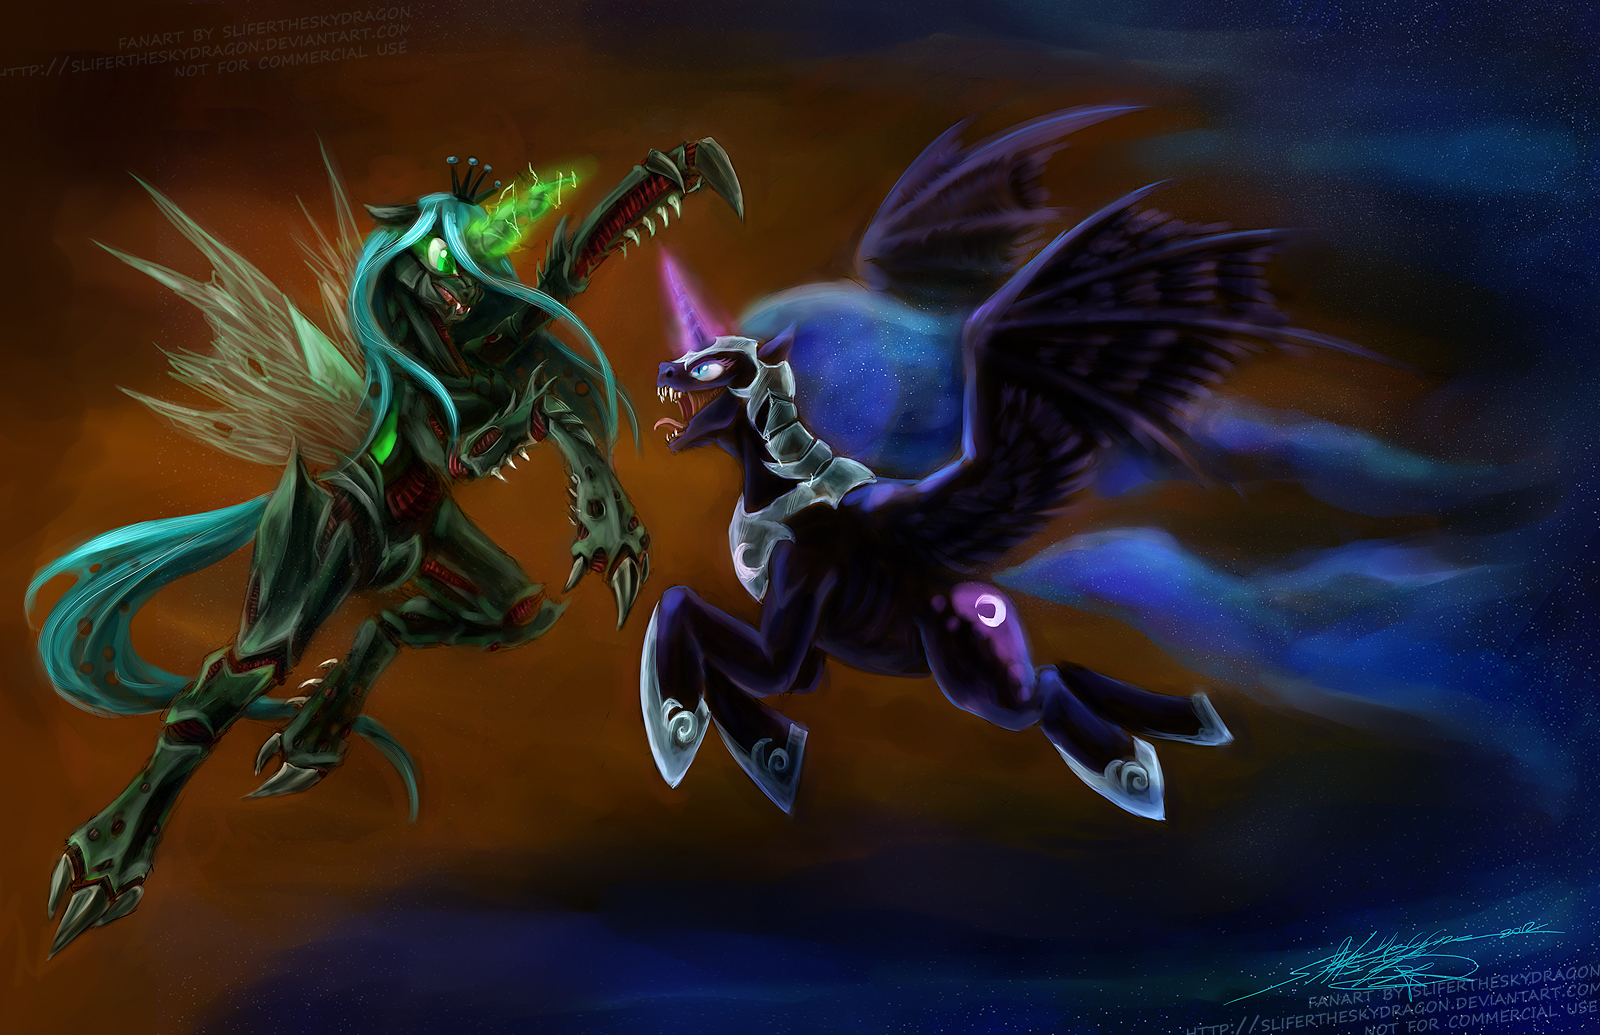 chrysalis_nightmare_by_slifertheskydrago